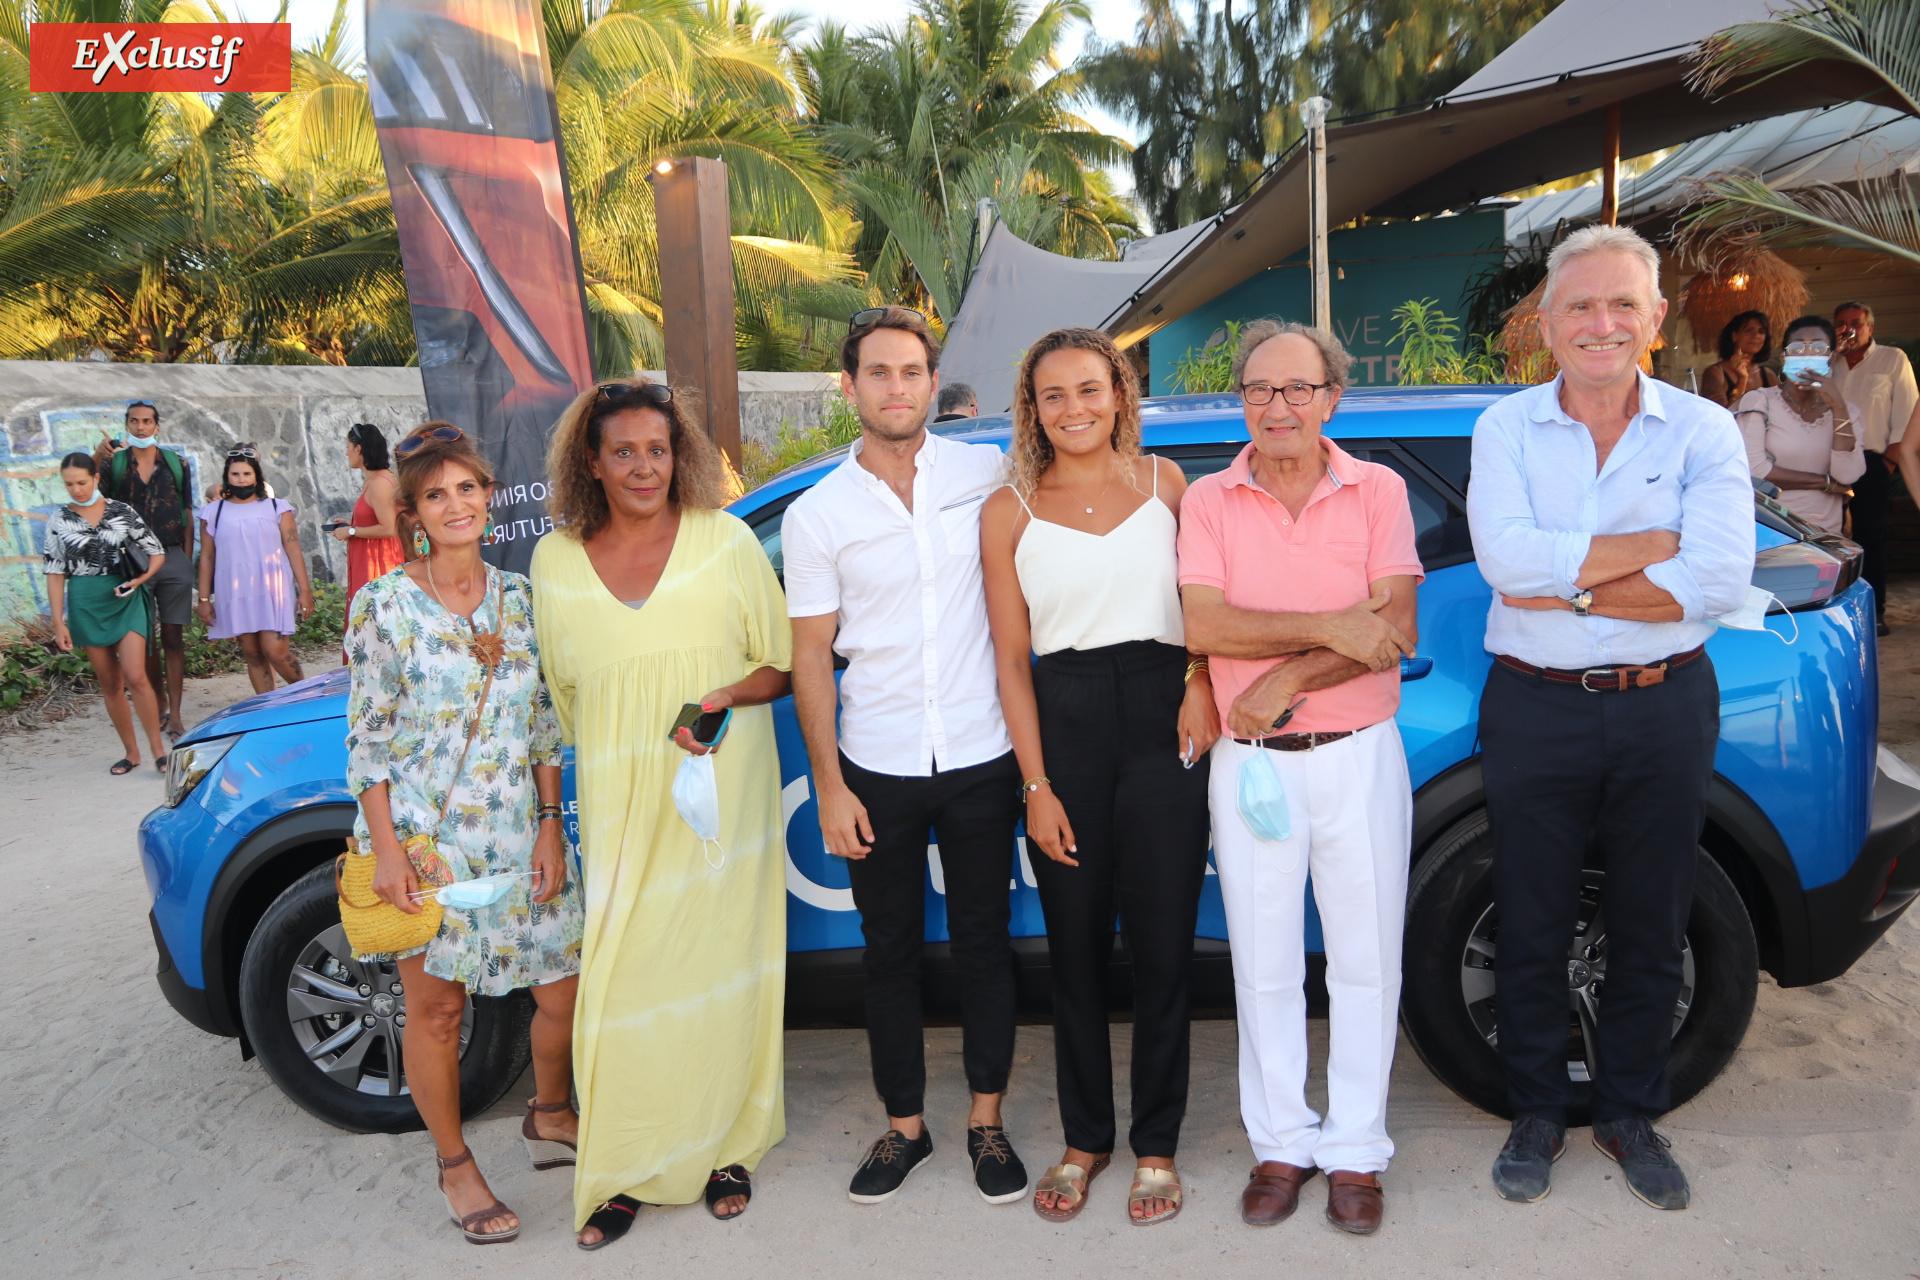 Alice Lemoigne avec sa famille: Hélène Lavallée, sa mère Sana Lemoigne, Loic Lavallee, son père Antonio Diletto, et François Lavallée